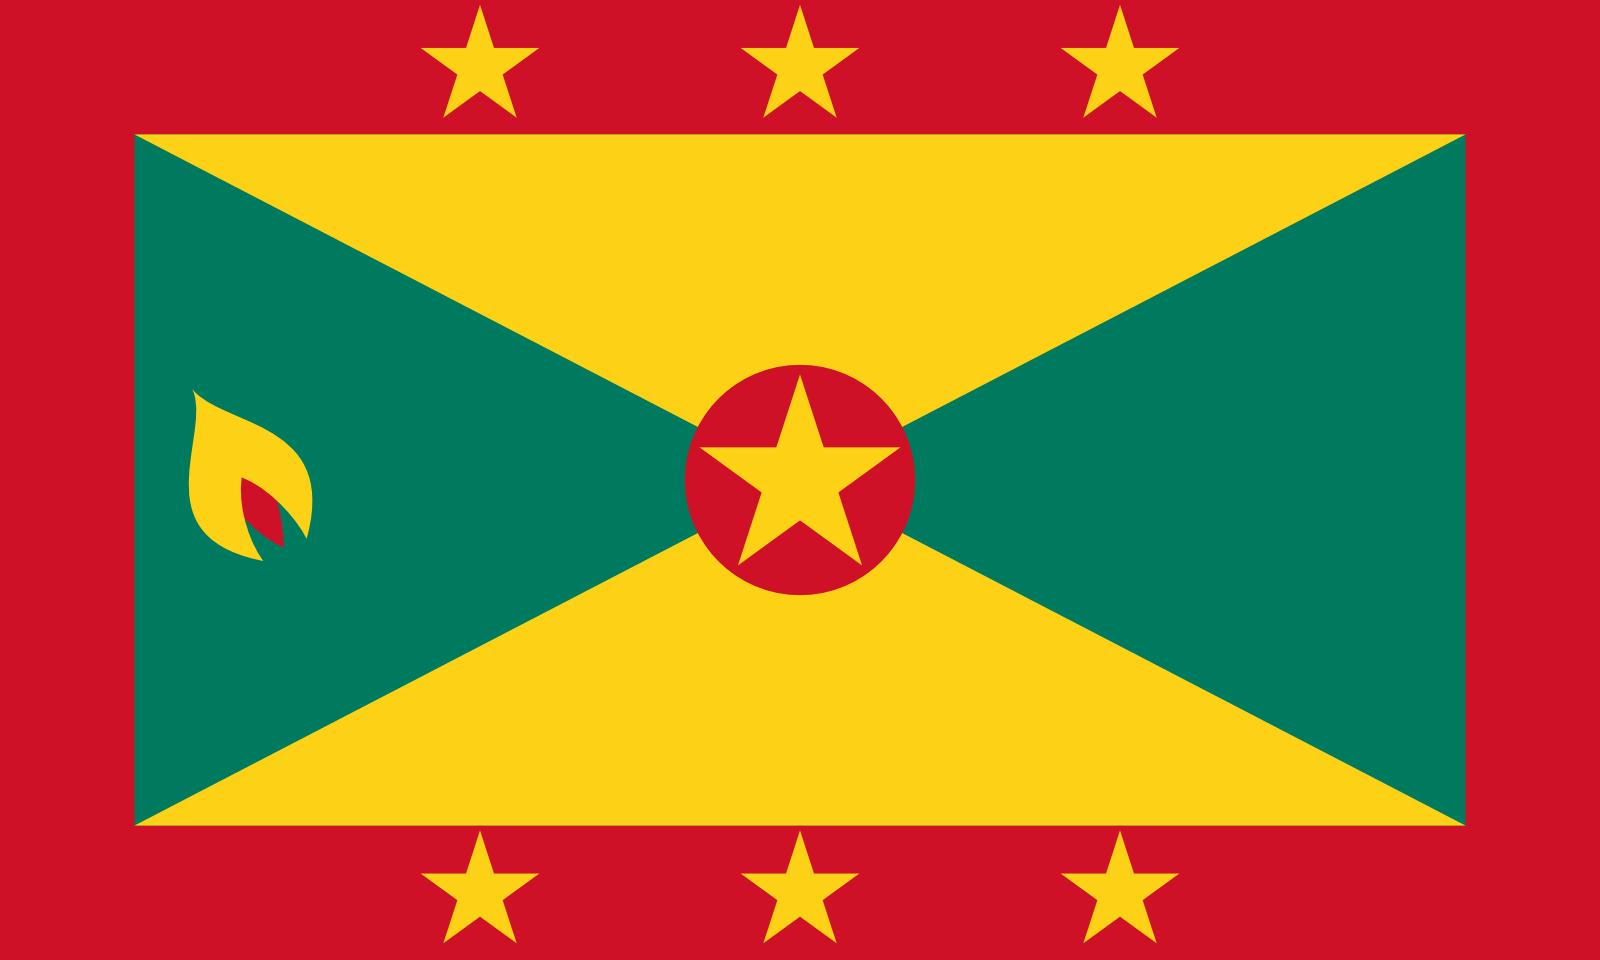 imagenes de banderas hd113 200 Imágenes de Banderas en HD (Wallpapers)